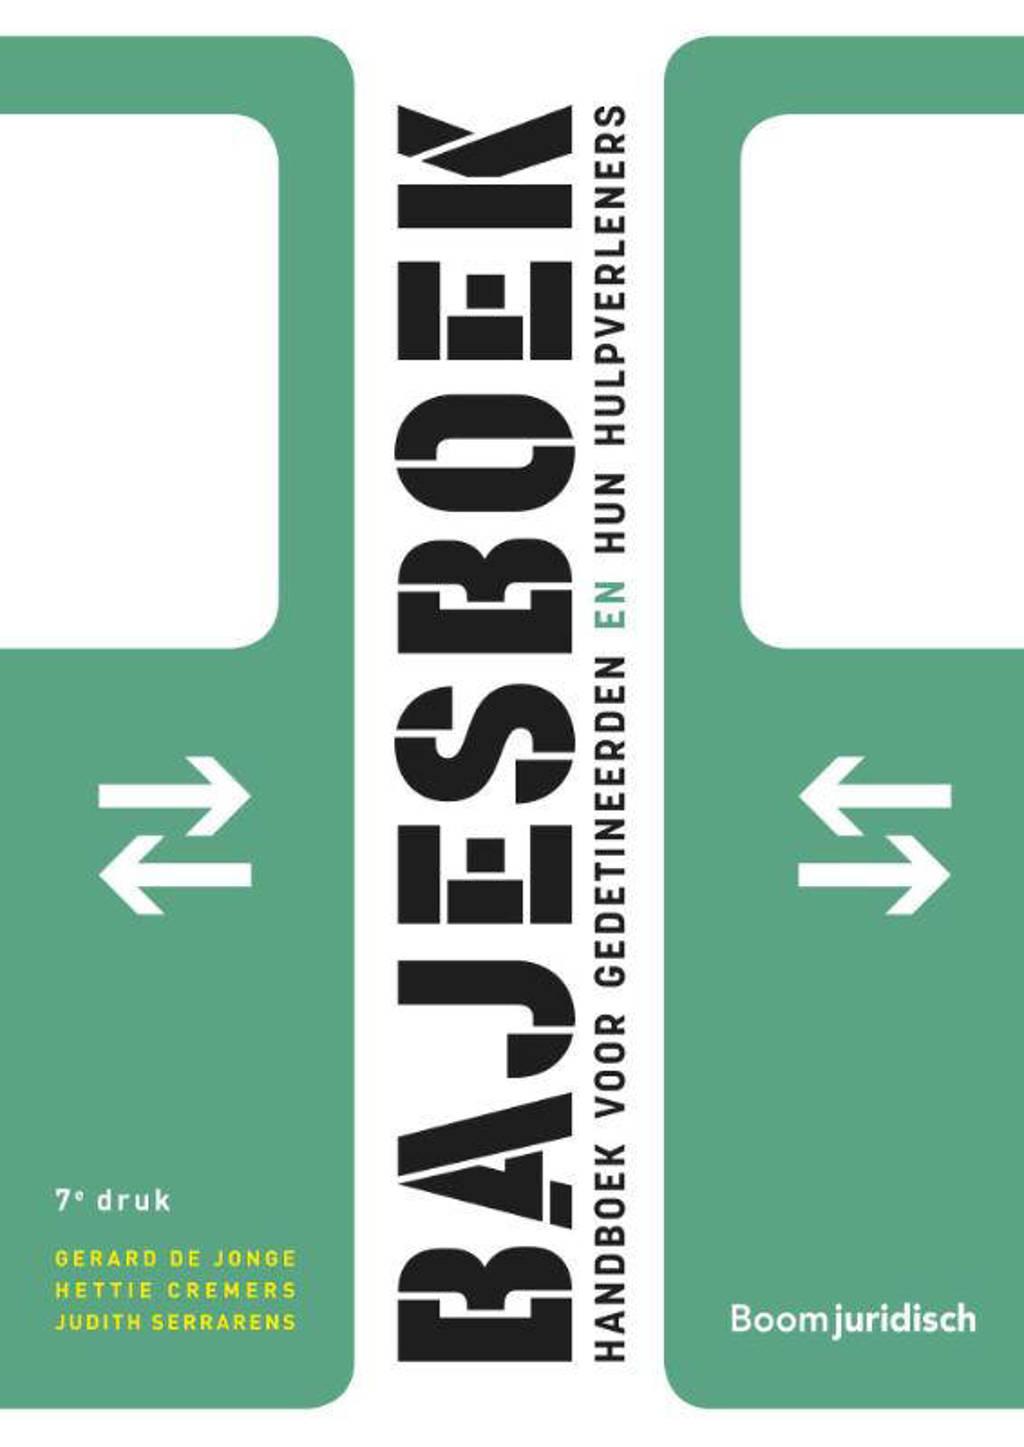 Bajesboek - Gerard de Jonge, Hettie Cremers en Judith Serrarens